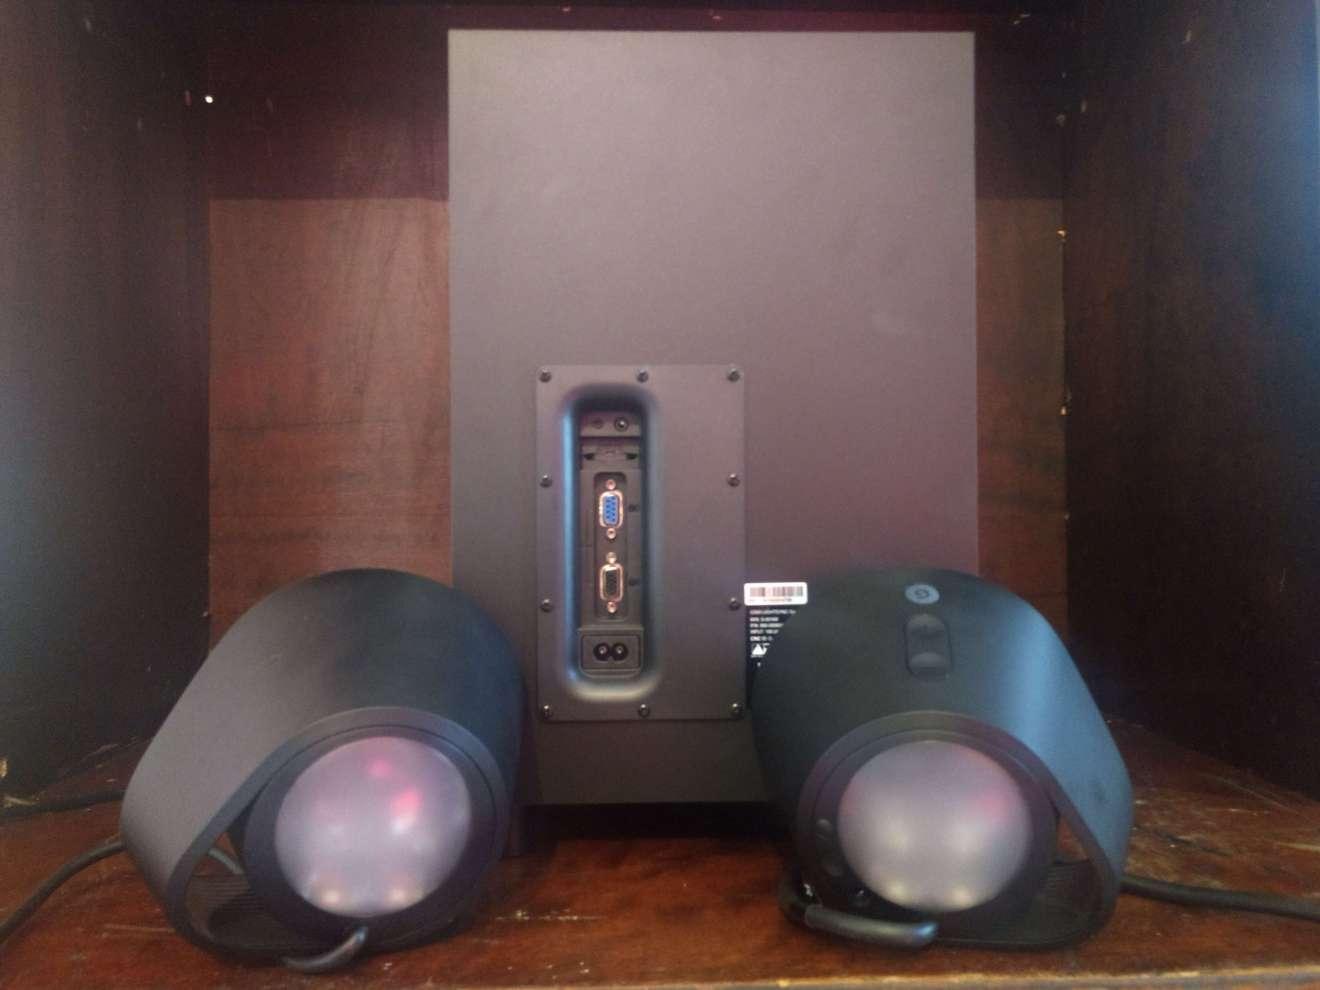 Review: Logitech G560 entrega iluminação e áudio imersivos para jogos 10